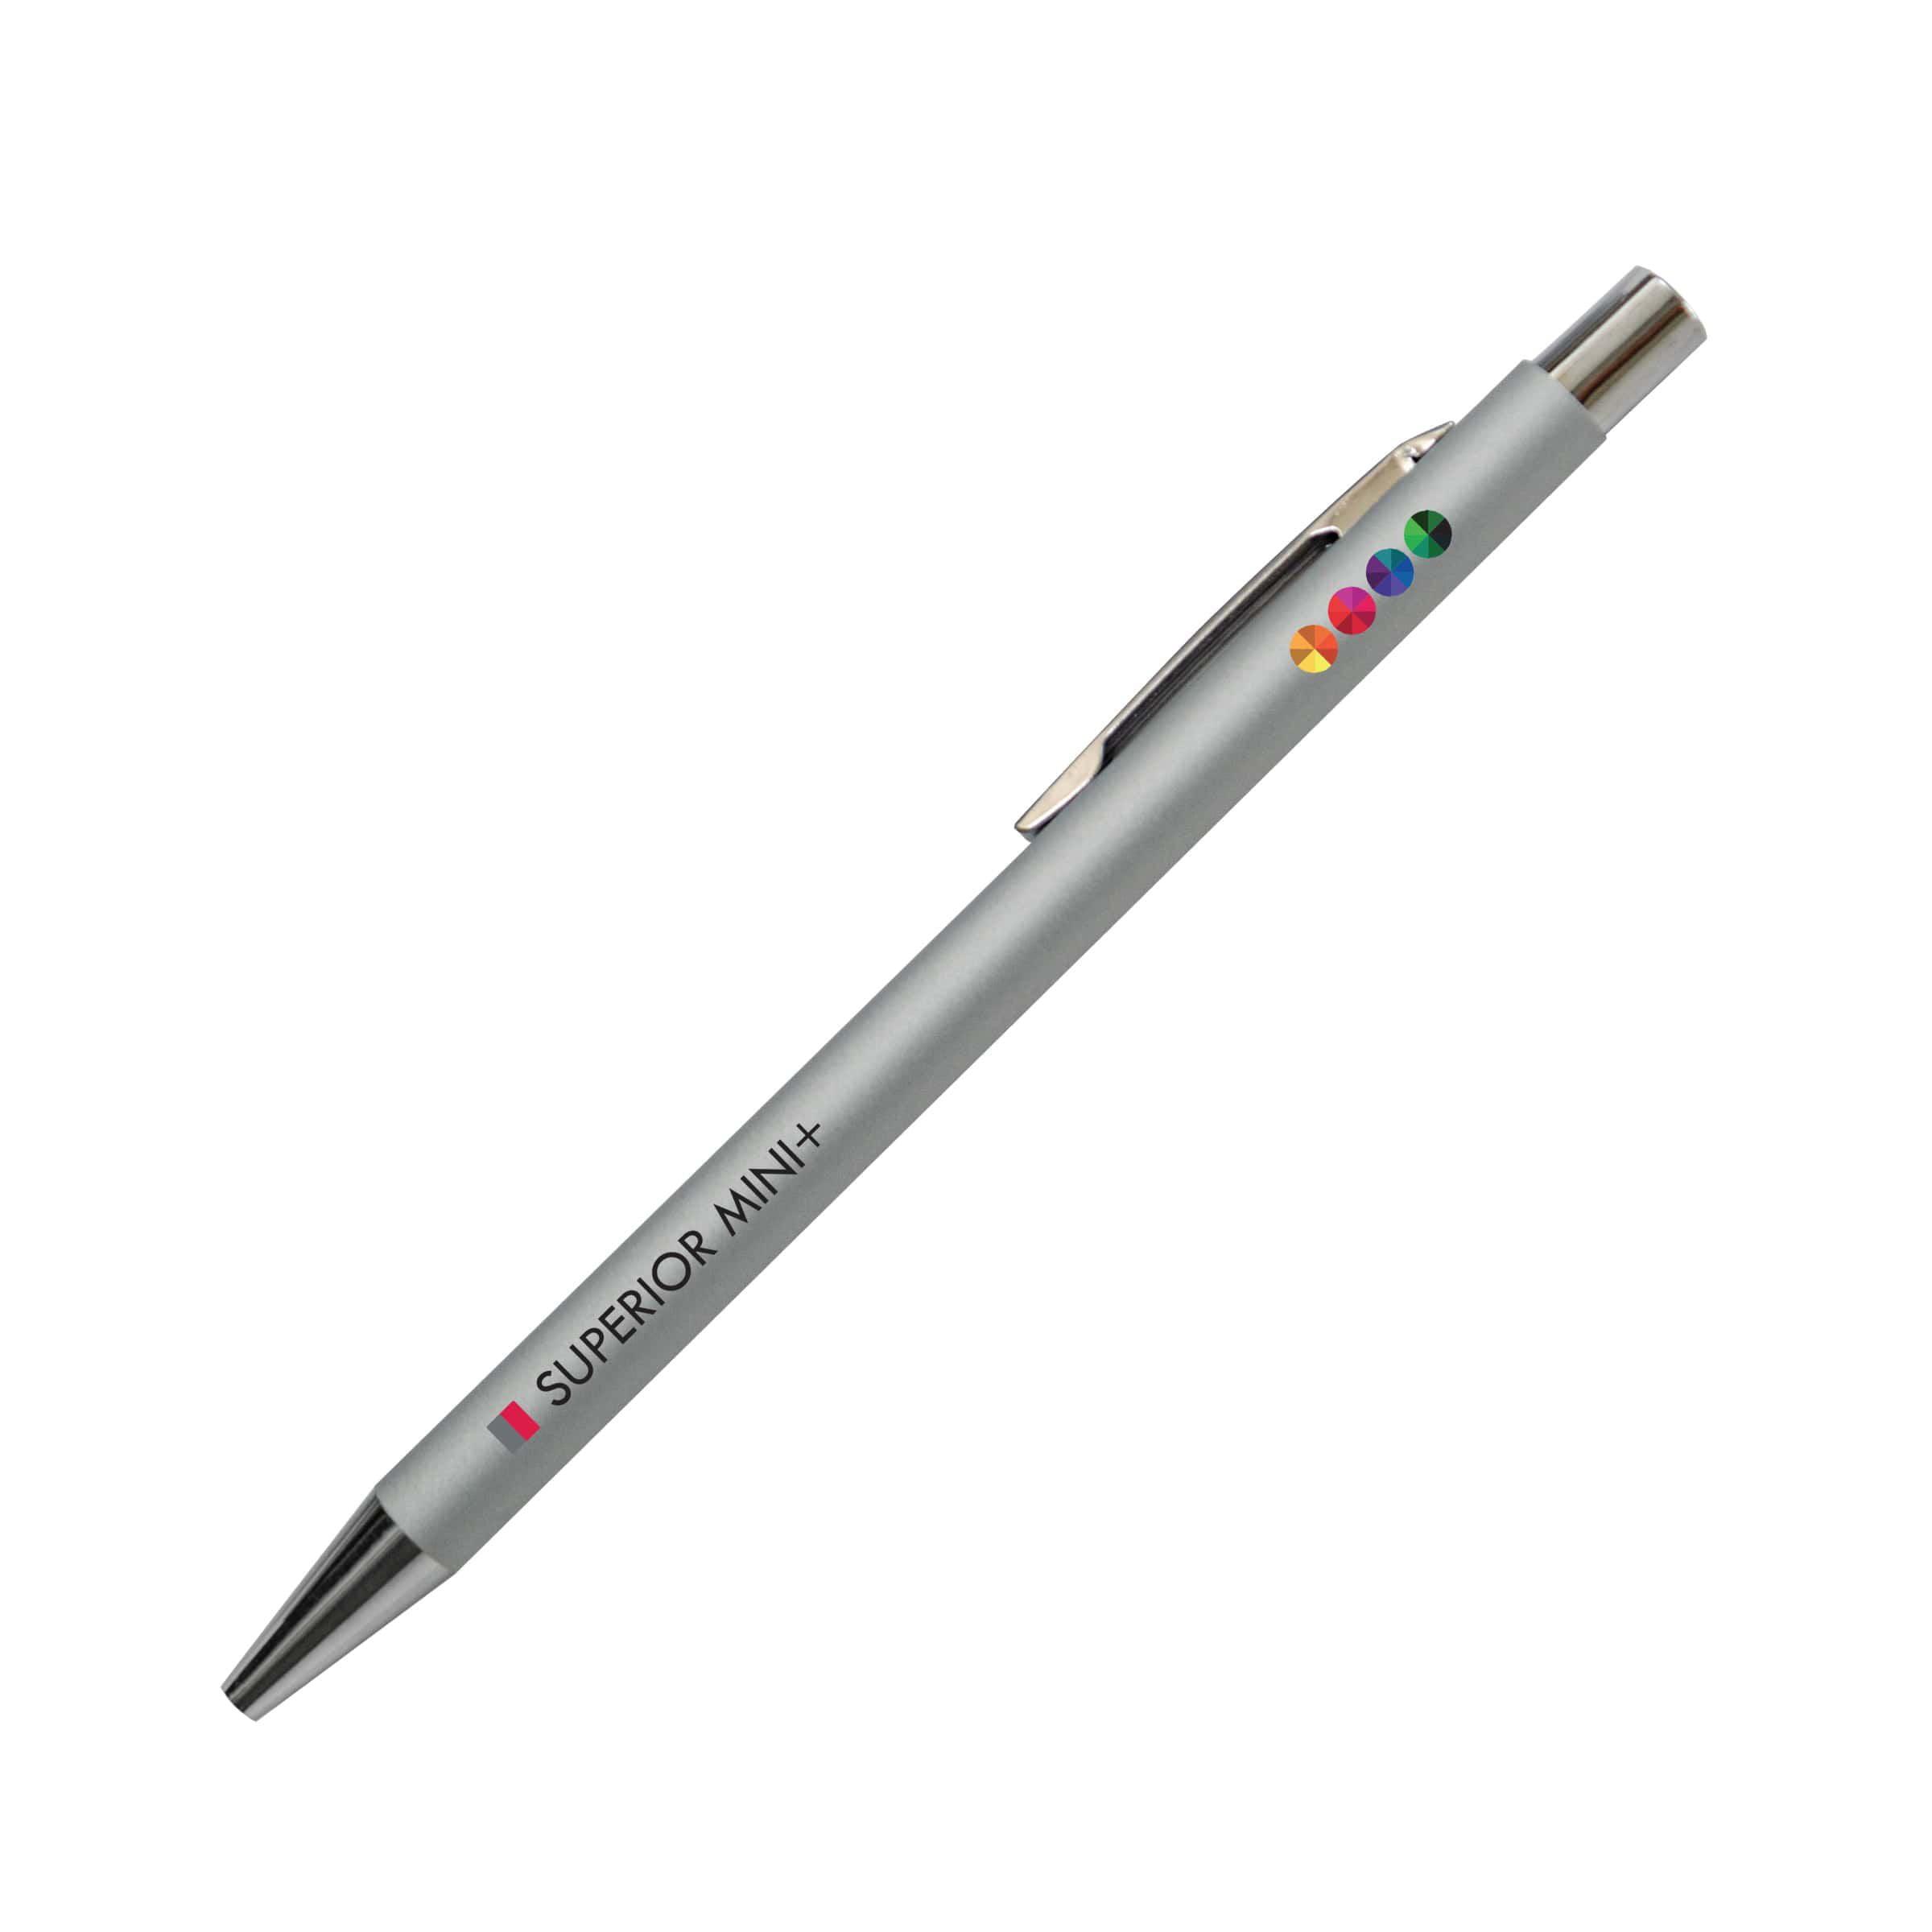 pen superior mini silver attf0blhyrknt5cnu